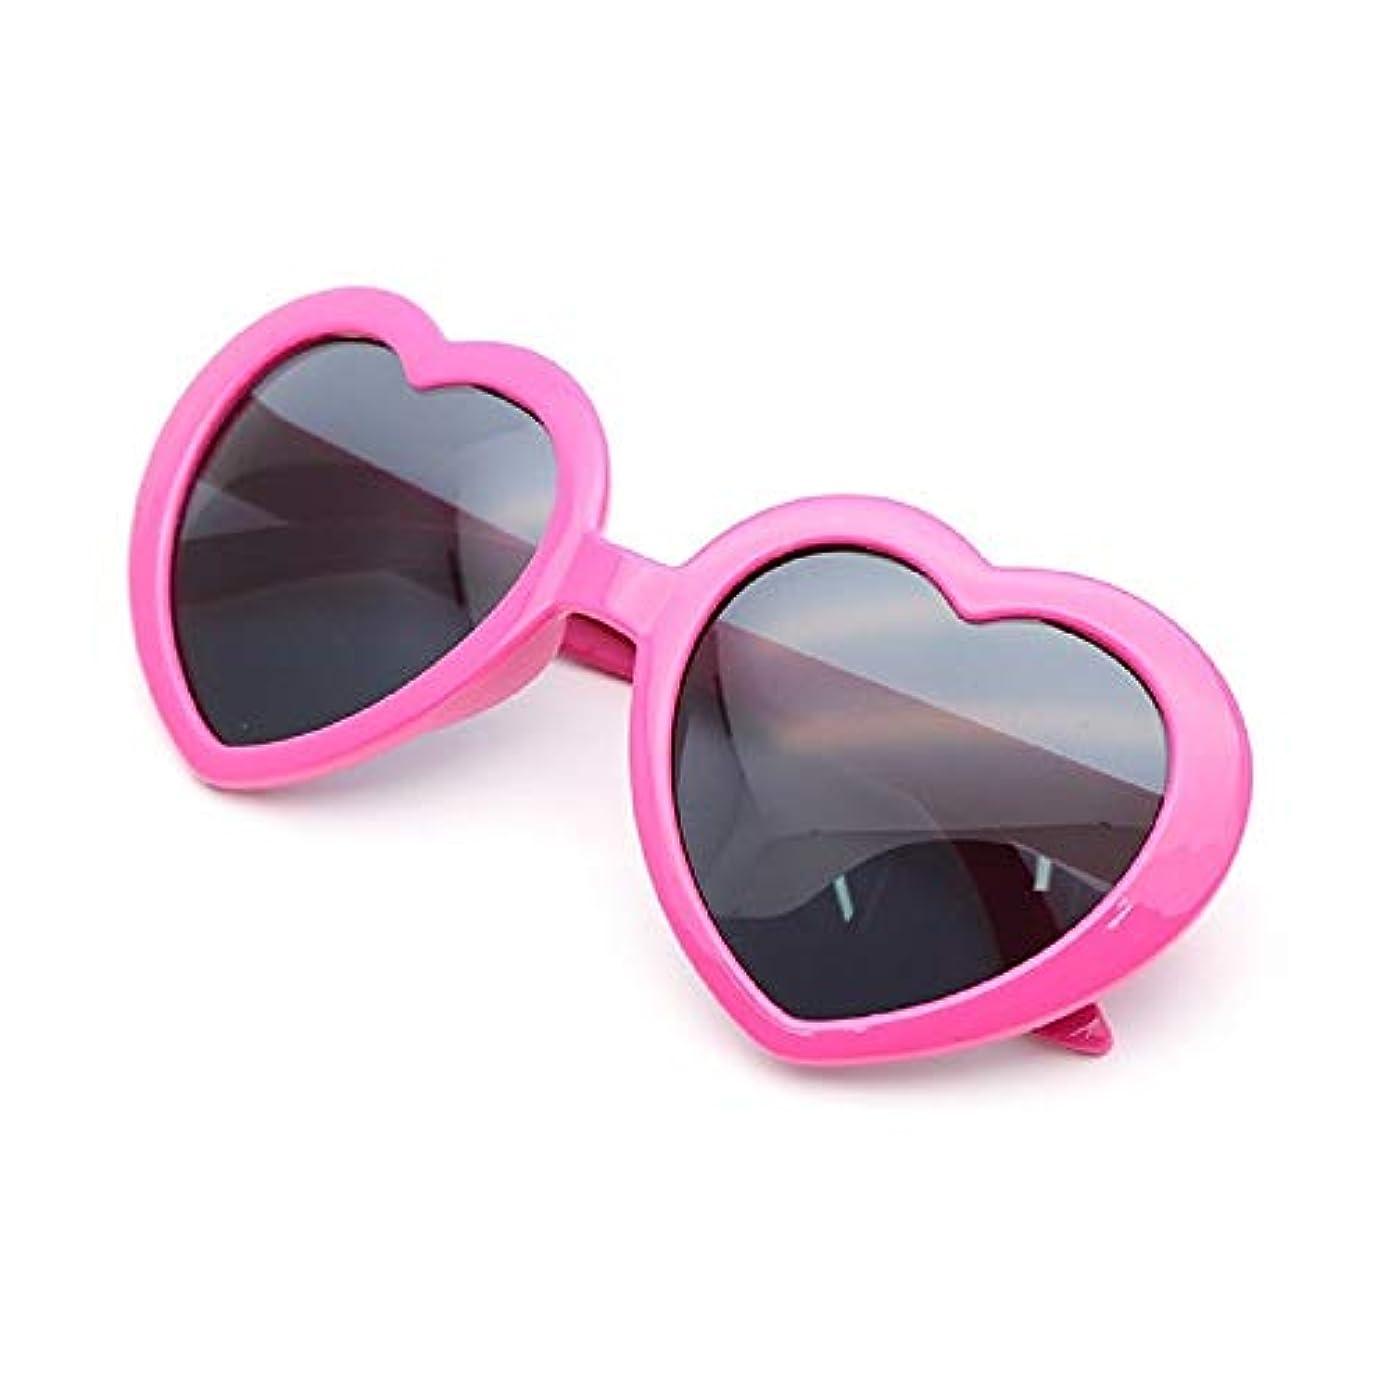 喜んであなたはマリンリタプロショップ? 面白サングラス UVカット ハートサングラス ハート型 眼鏡 めがね メガネ コスプレ パーティー (ローズピンク)